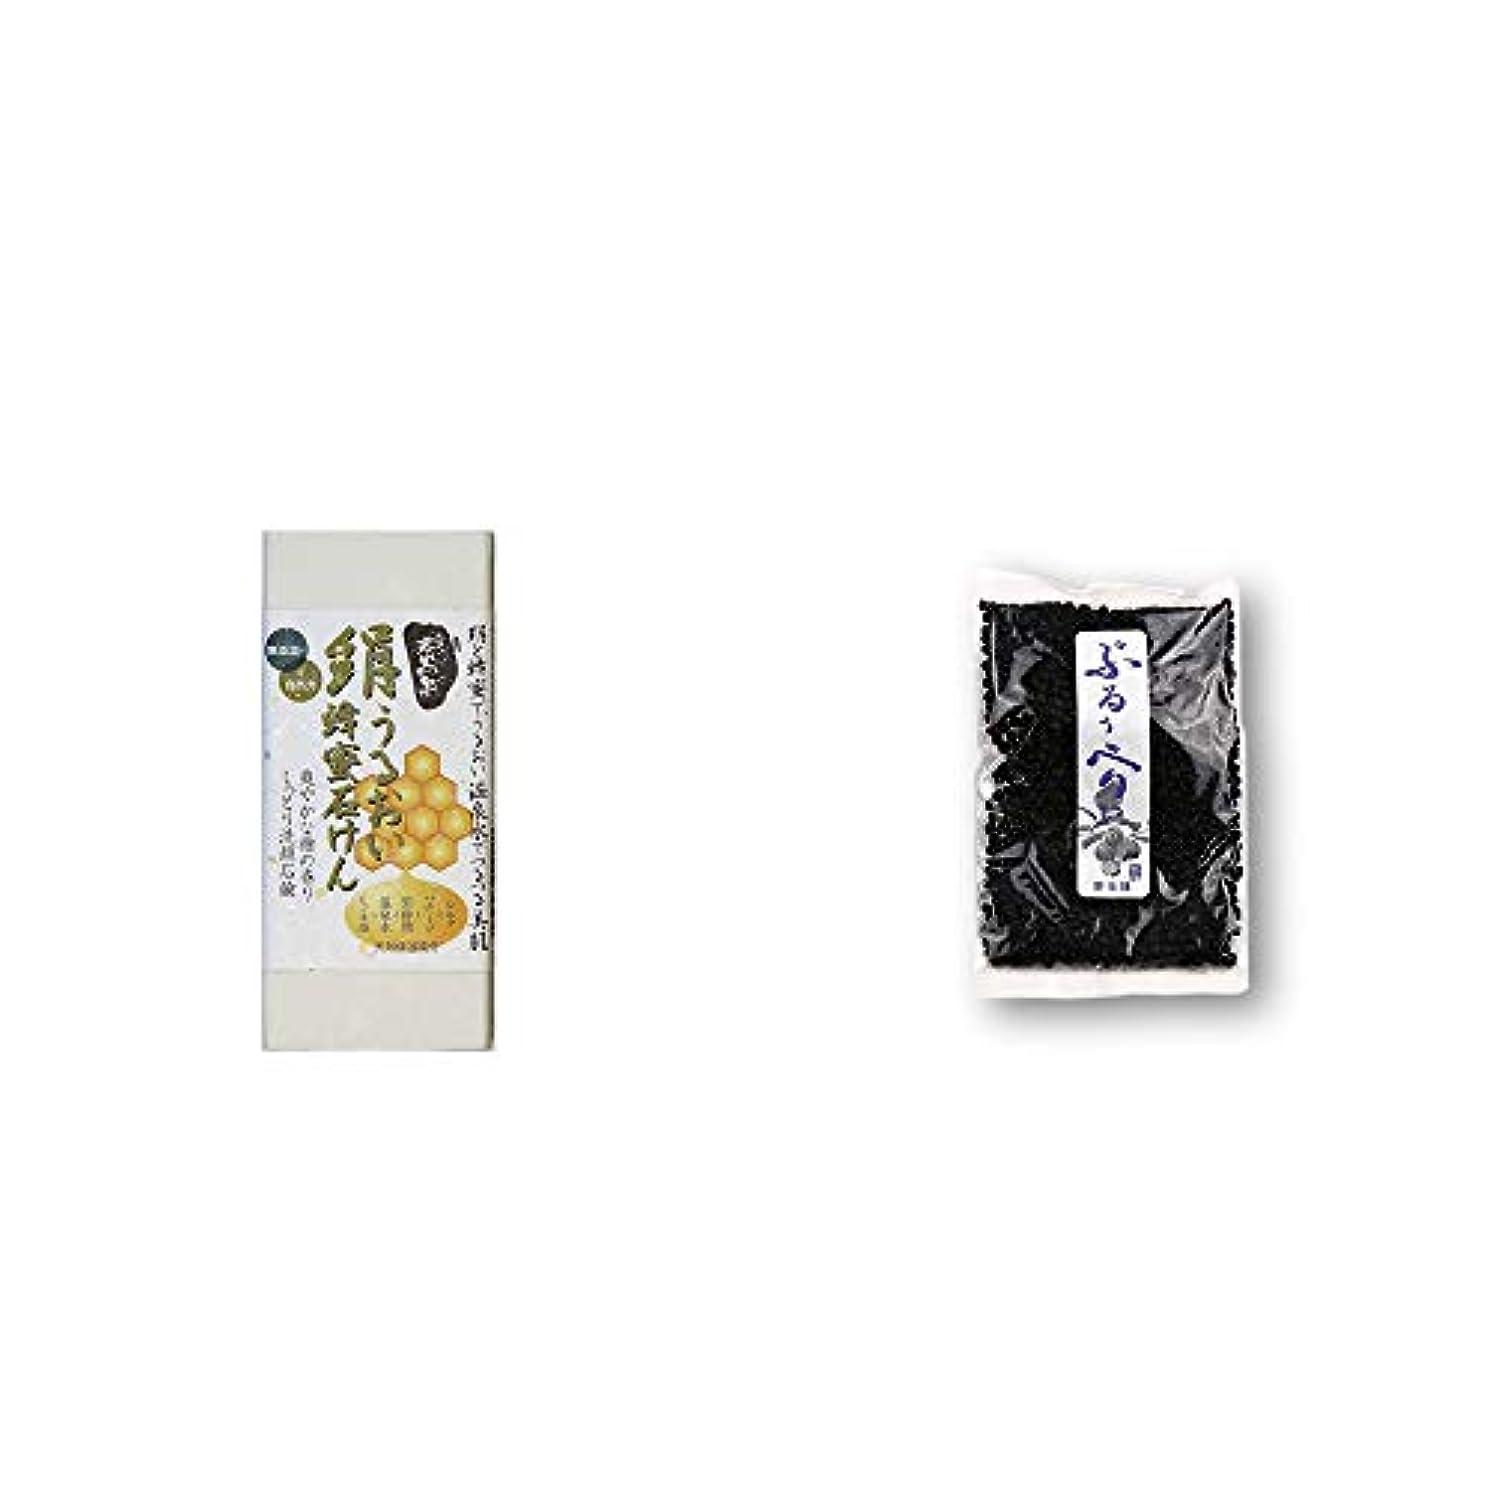 無意識危険除去[2点セット] ひのき炭黒泉 絹うるおい蜂蜜石けん(75g×2)?野生種ぶるぅべりぃ(260g)